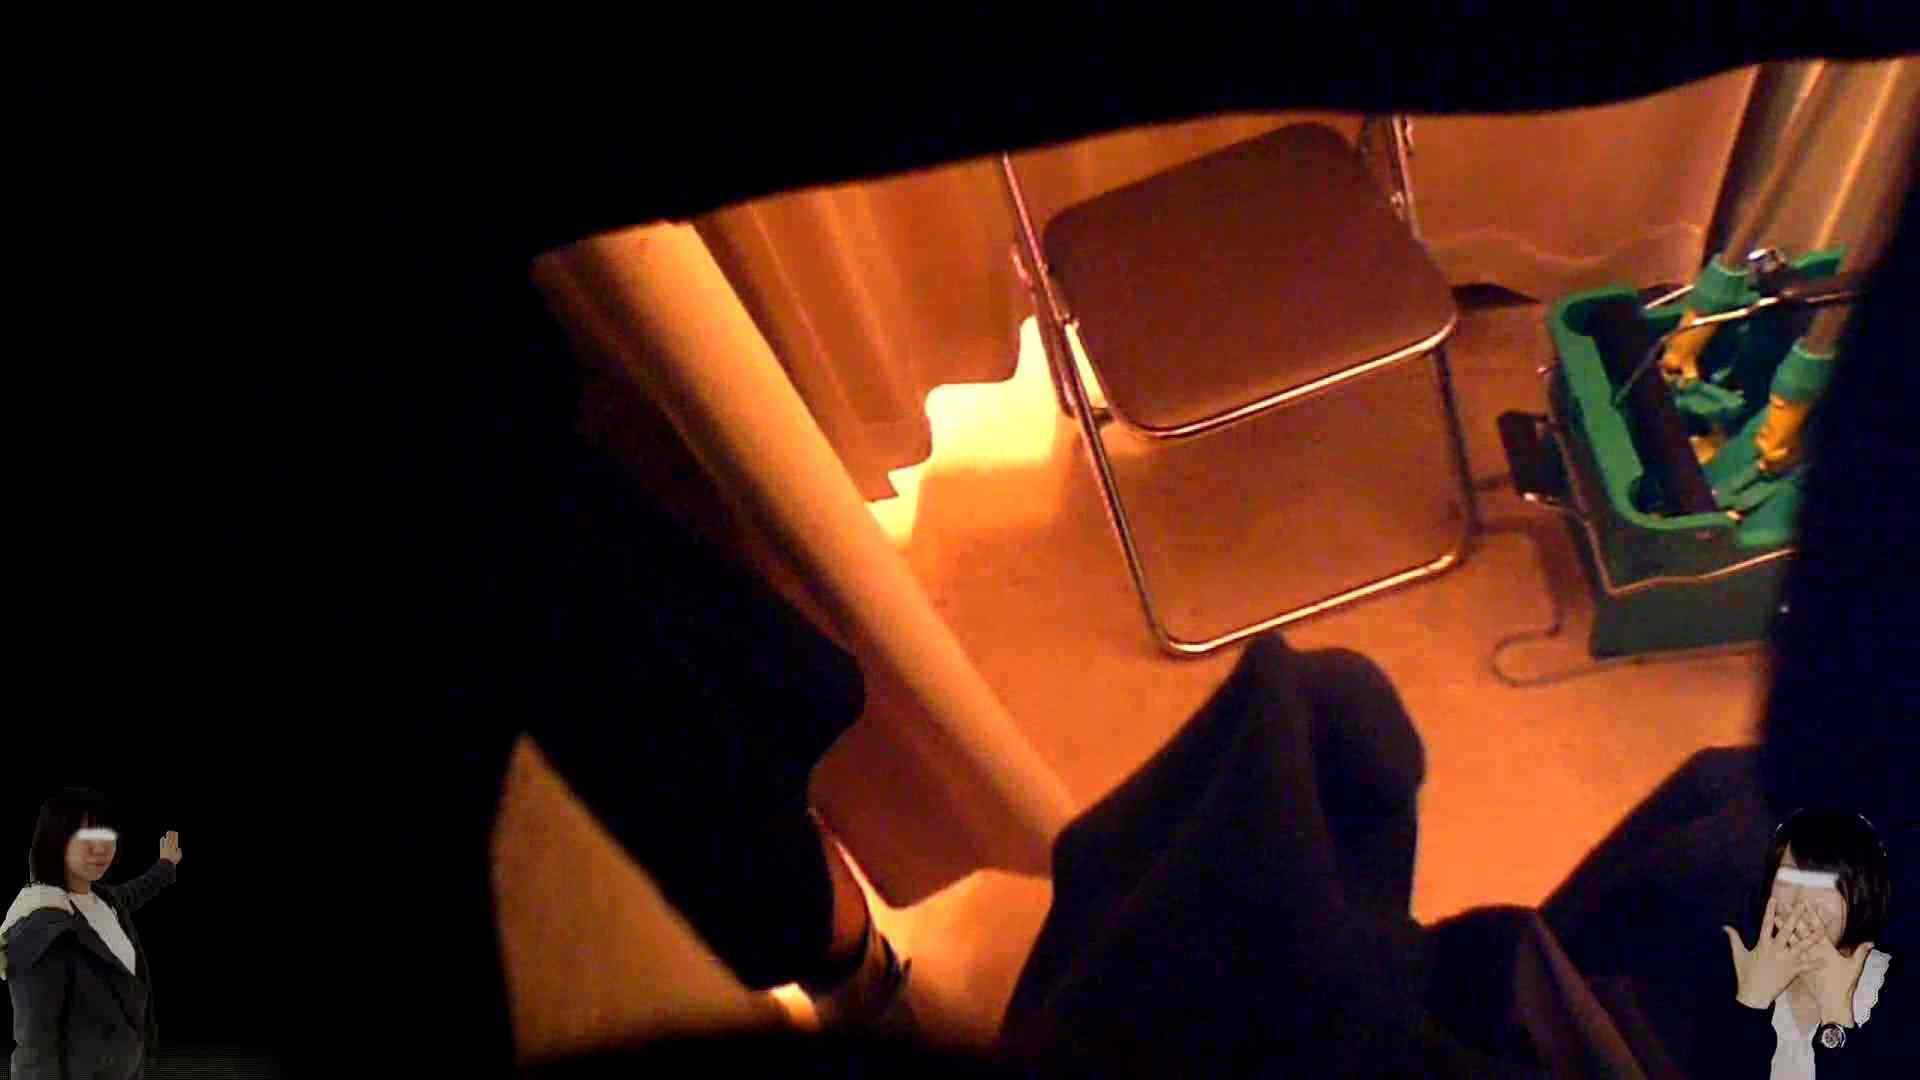 素人投稿 現役「JD」Eちゃんの着替え Vol.04 素人エロ画像 ヌード画像 76PICs 19